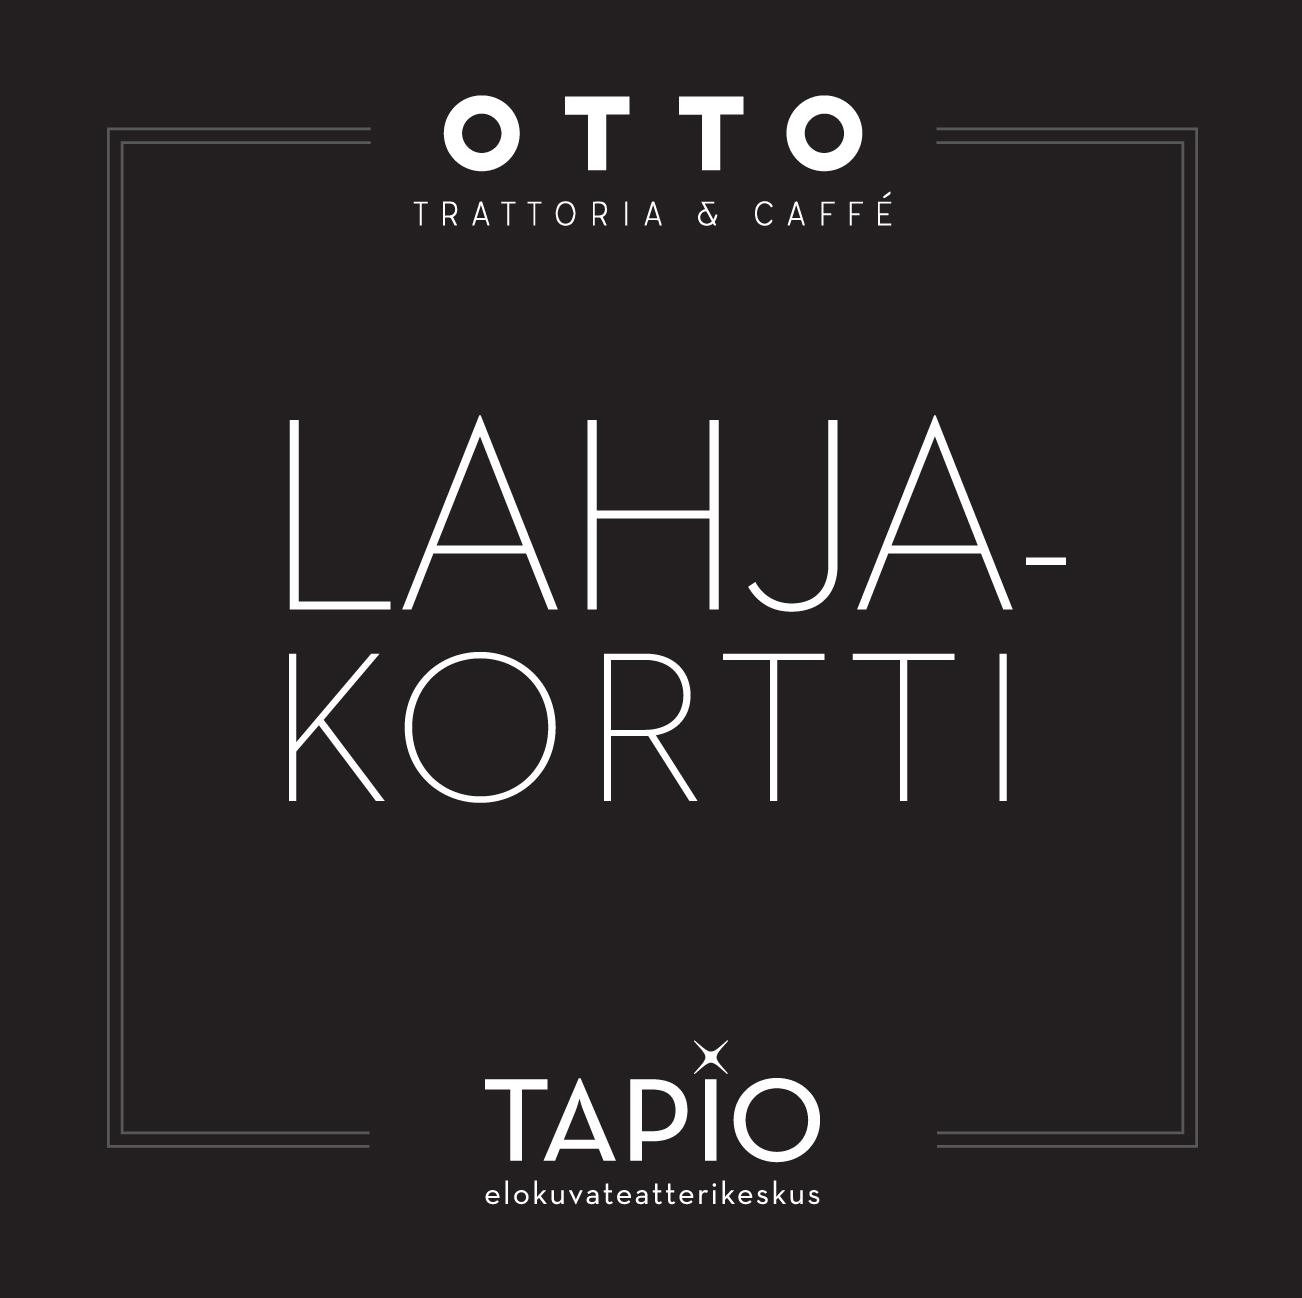 Otto & Tapio -lahjakortti - Savon Kinot